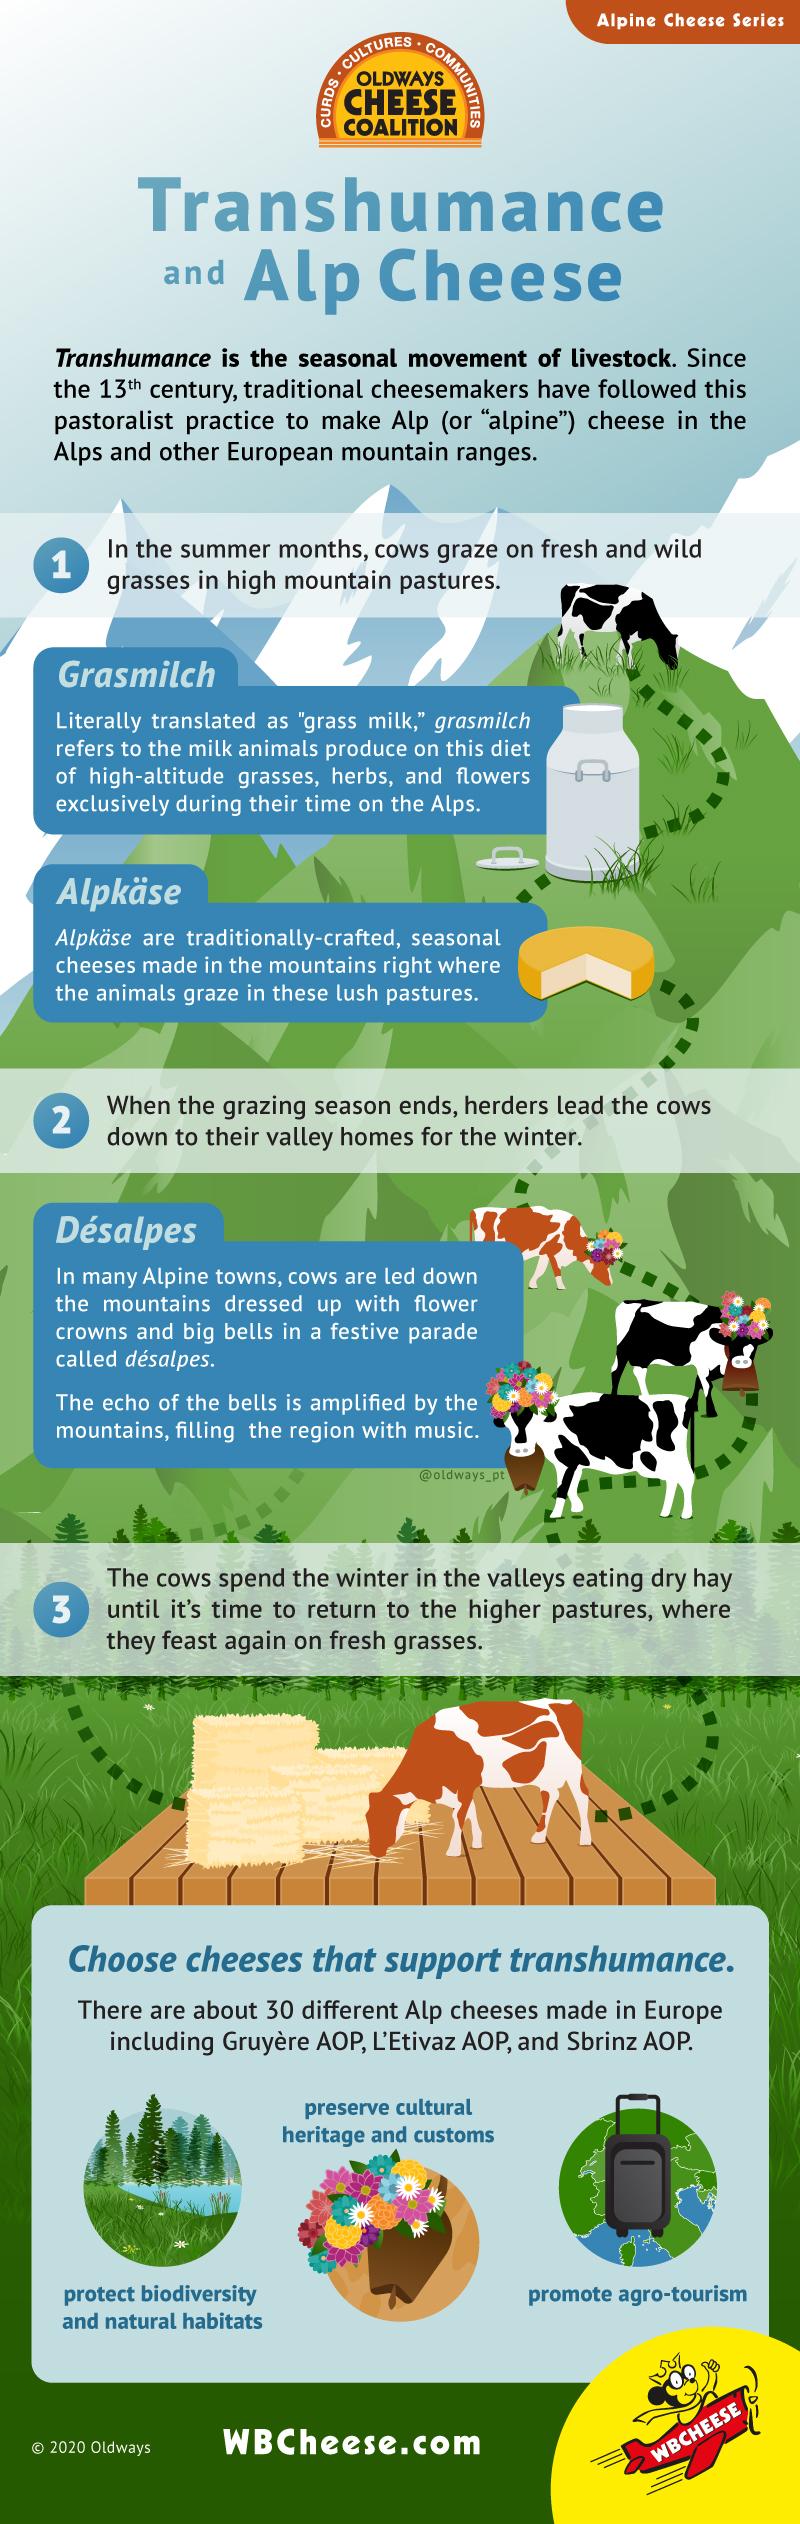 Transhumance Alpine Cheese Infographic